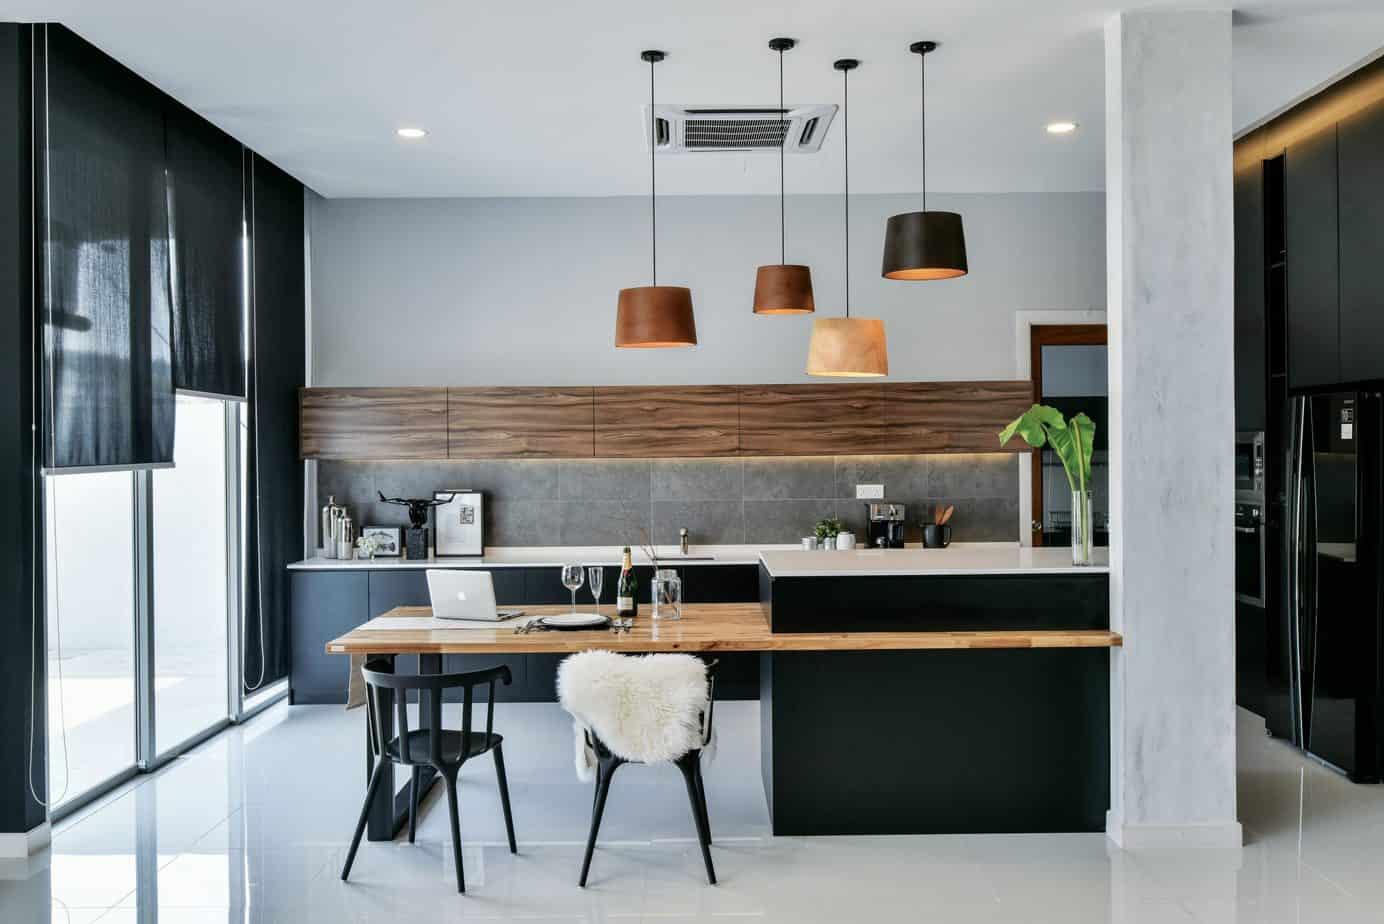 kitchen decor 2021 mix & match style interior design